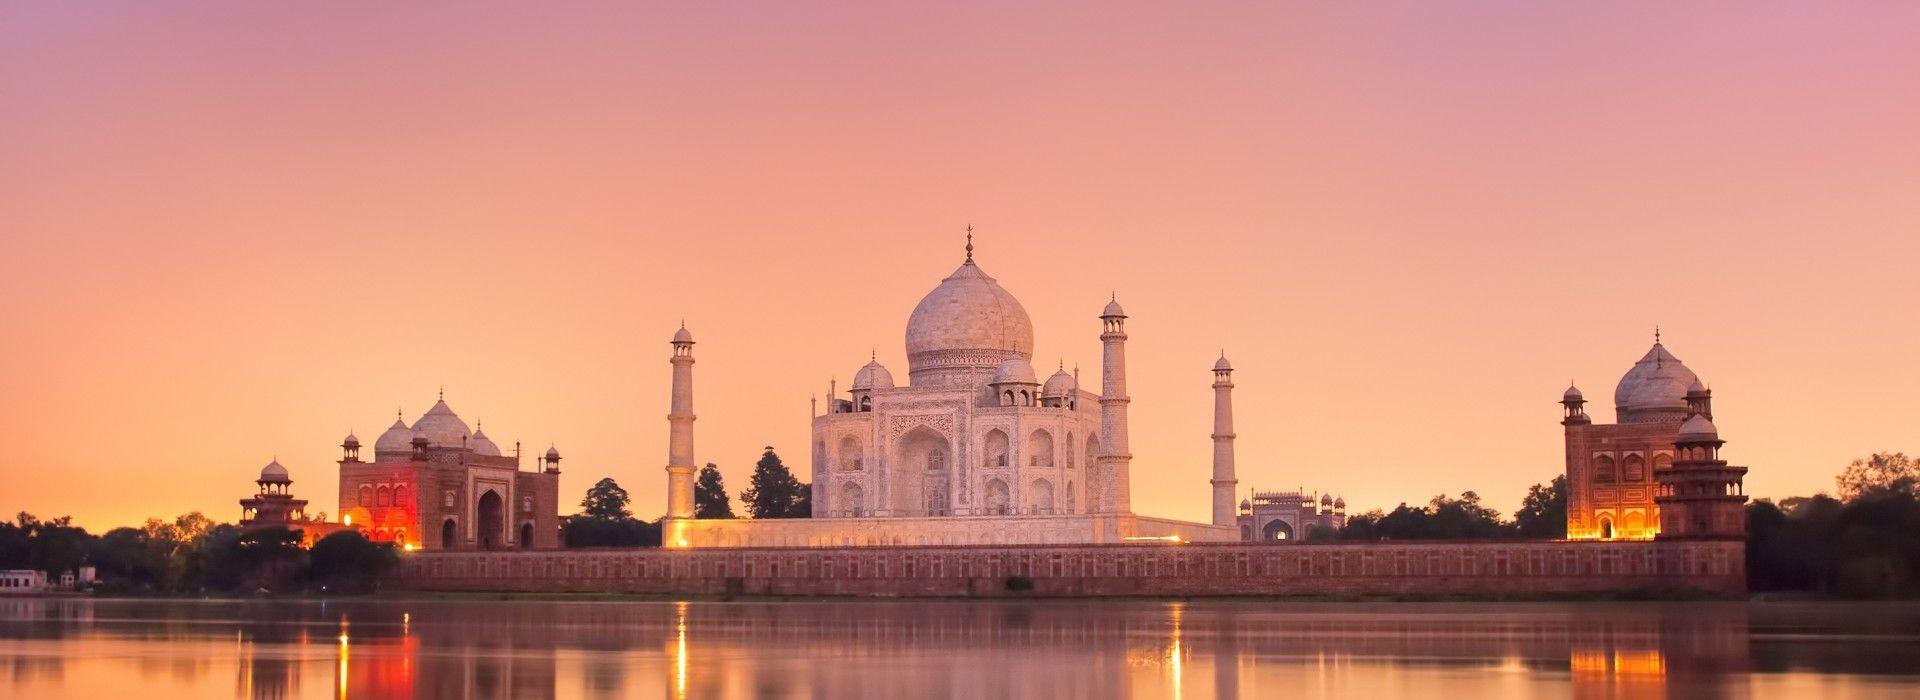 Adventure and sport activities Tours in New Delhi